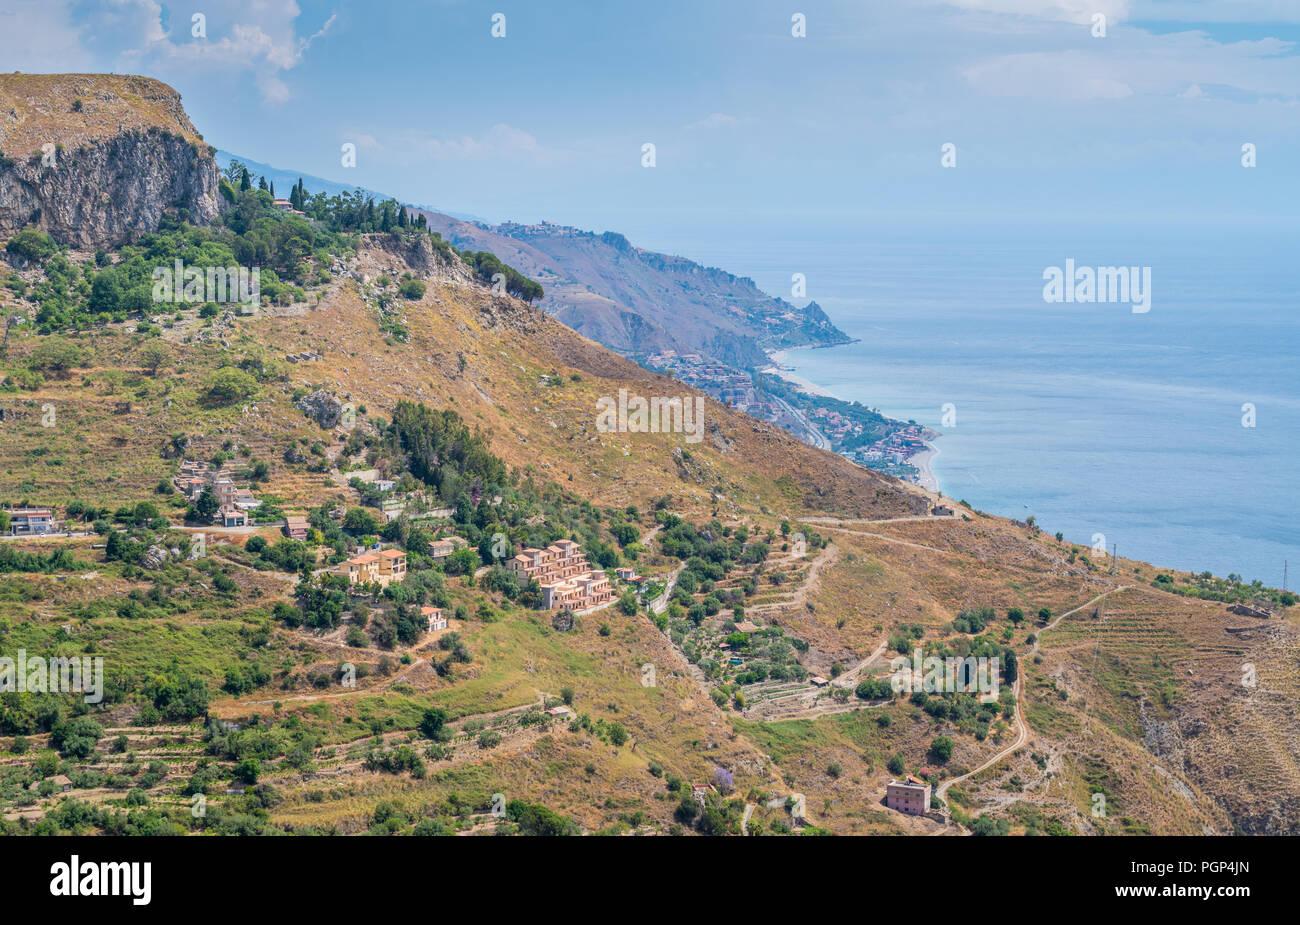 Vista panorámica de Castelmola, un antiguo pueblo medieval situado encima de Taormina, en la cima de la montaña Mola. Sicilia, Italia. Foto de stock